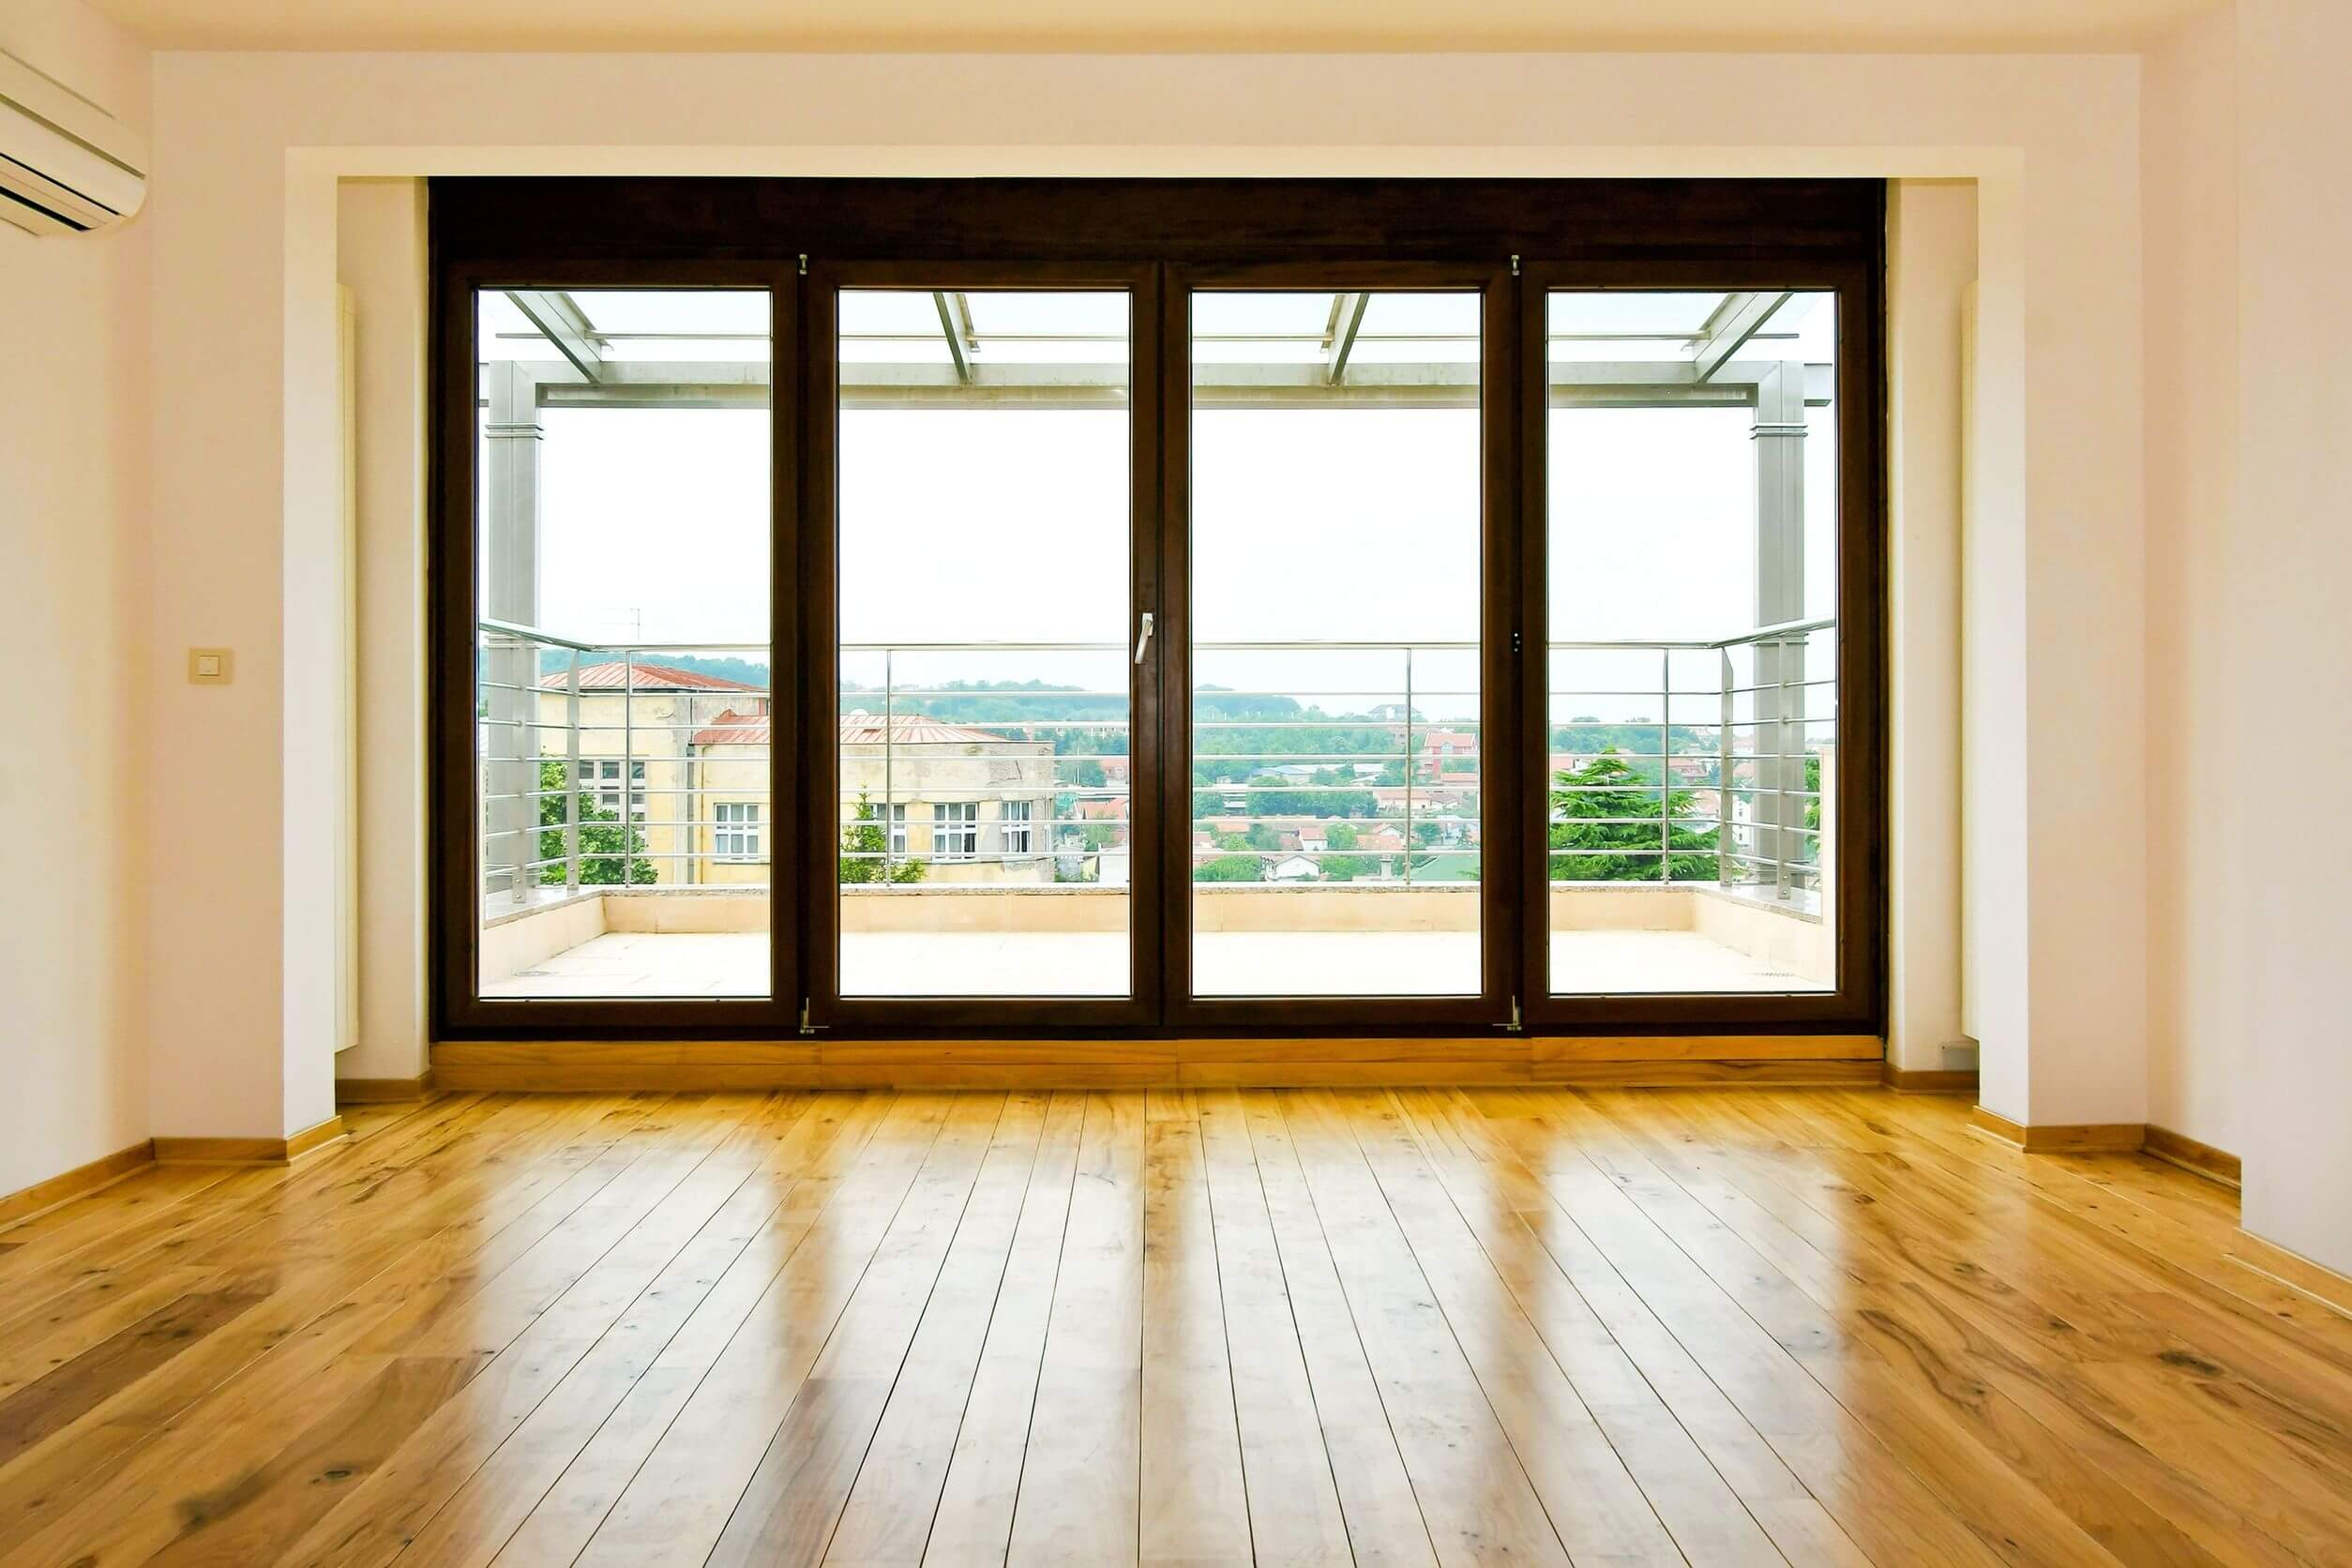 idea-in-choosing-steel-windows-as-well-as-doors-beauty-2 (1)